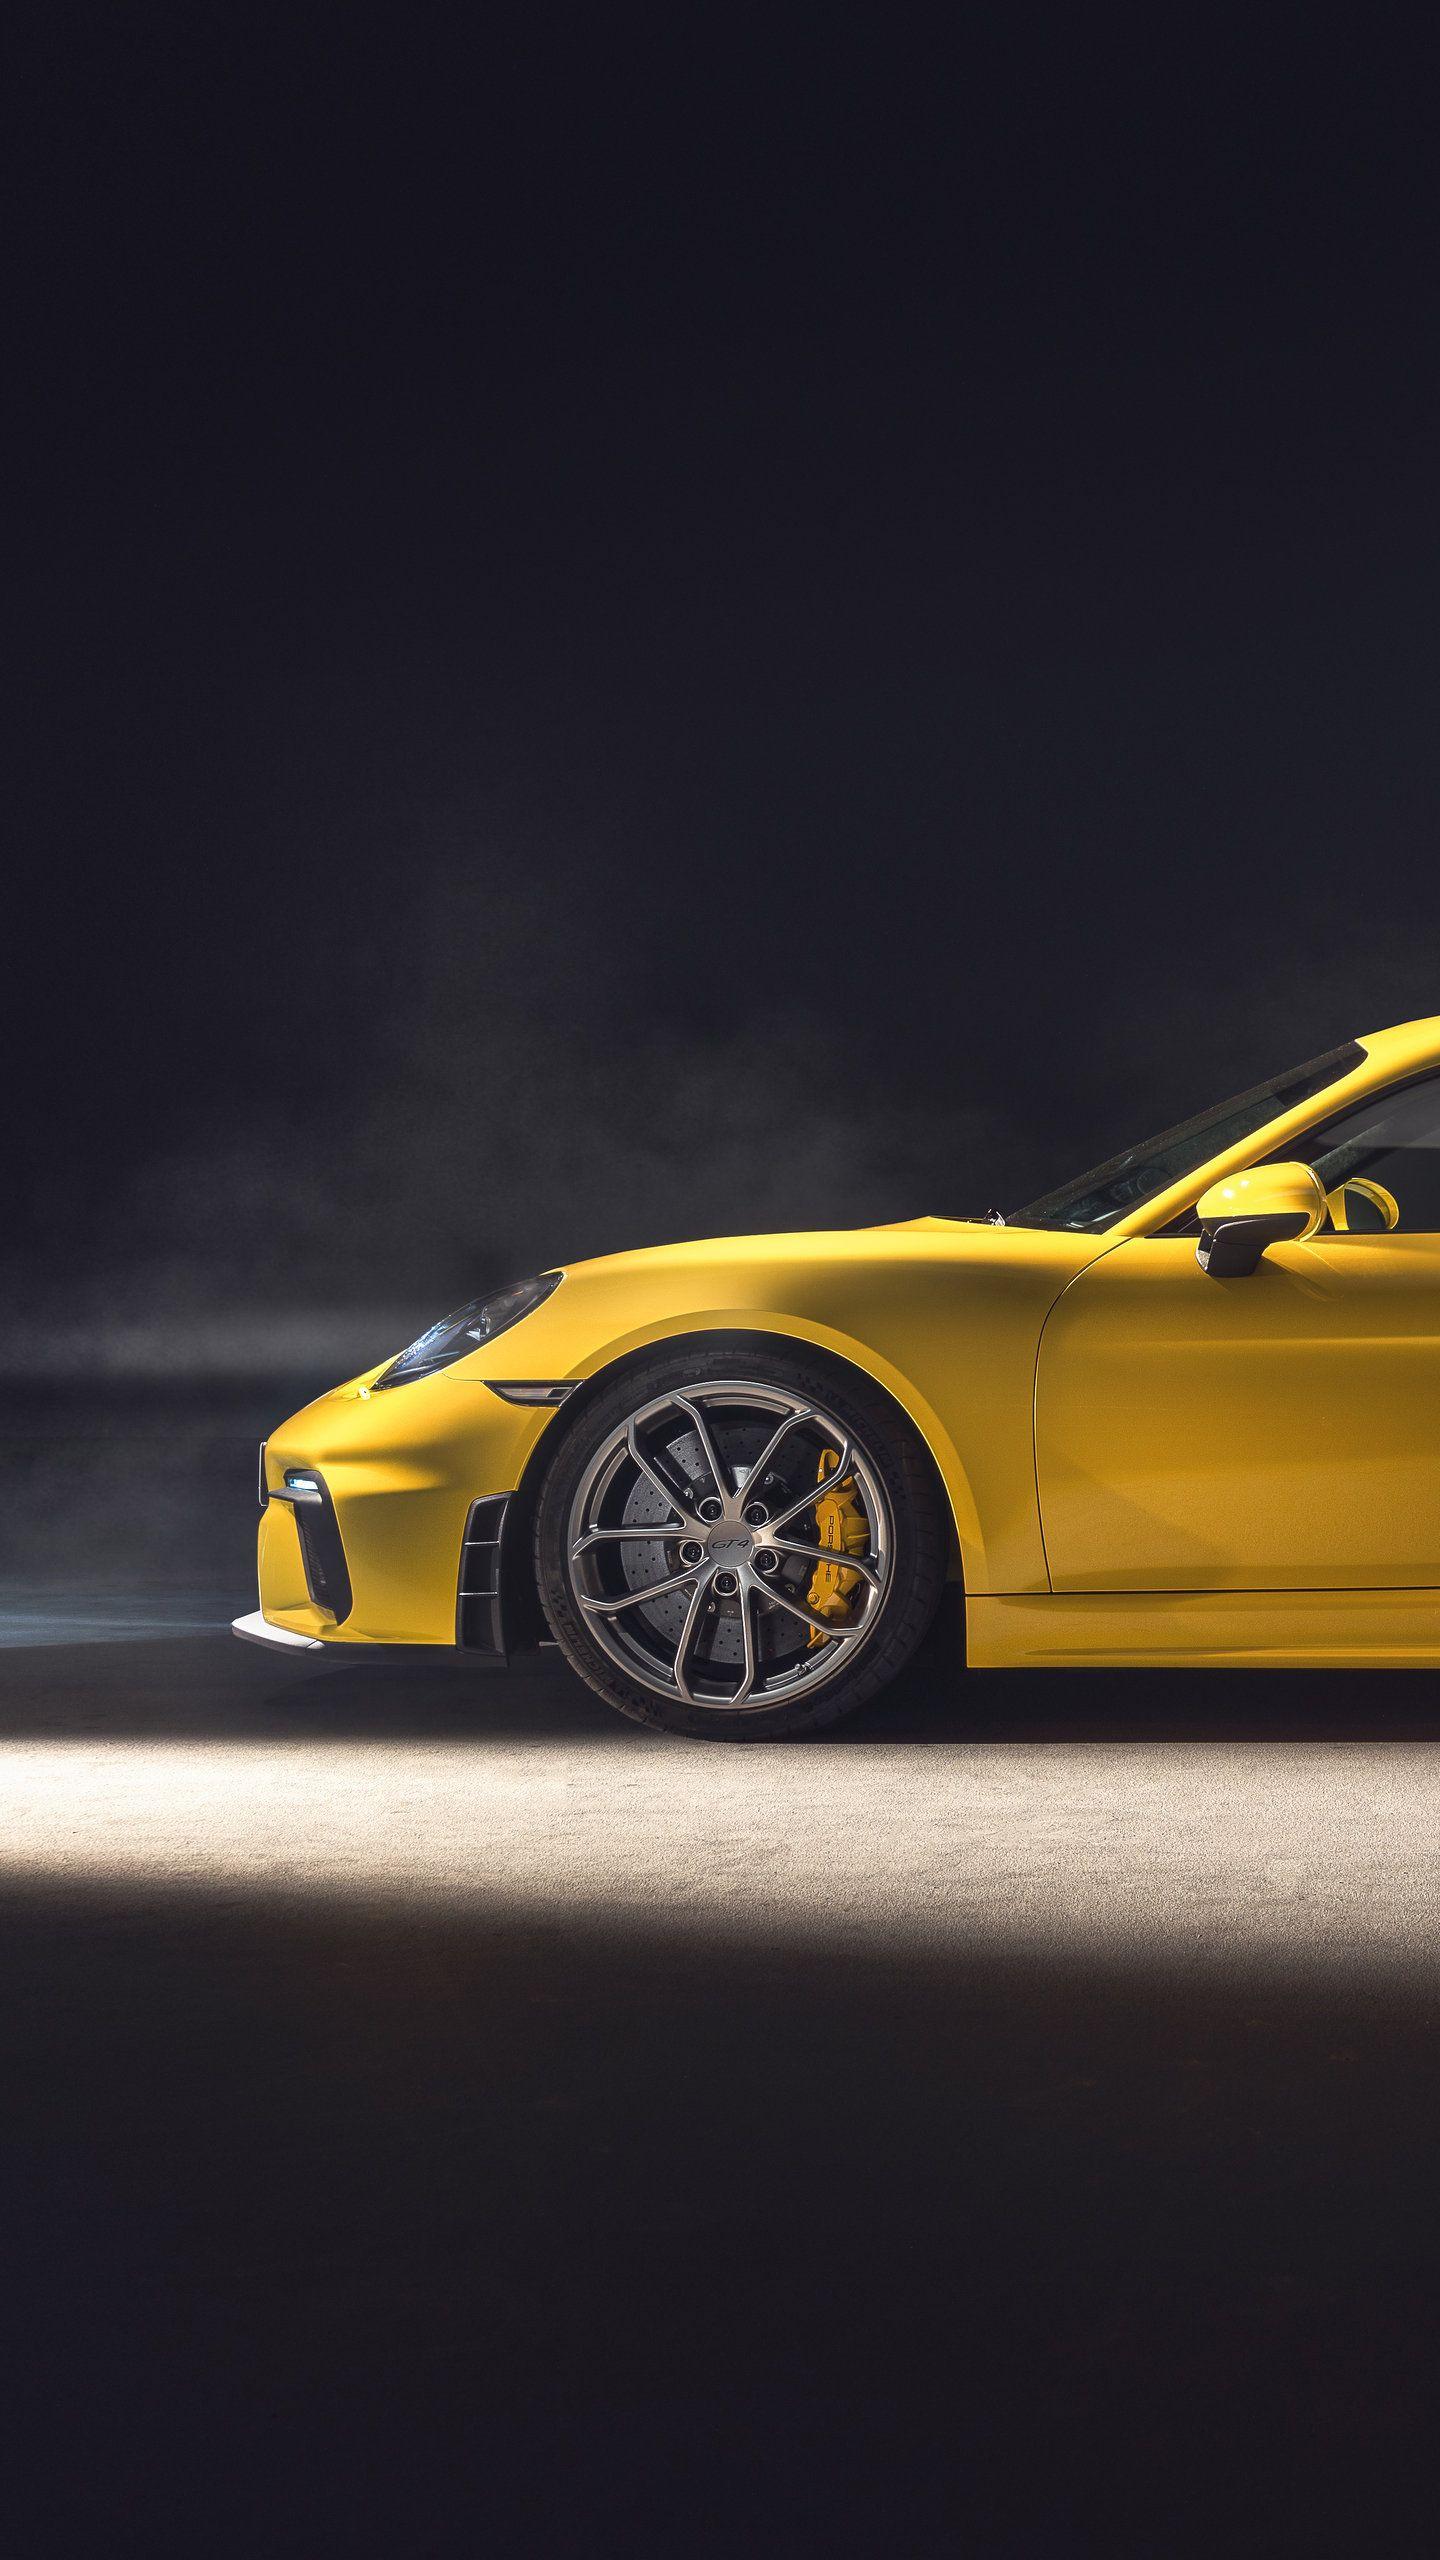 Porsche 718 Cayman Gt4 2019 Hd Cars Wallpapers Photos And Pictures Porsche 718 Cayman Cayman Gt4 Porsche